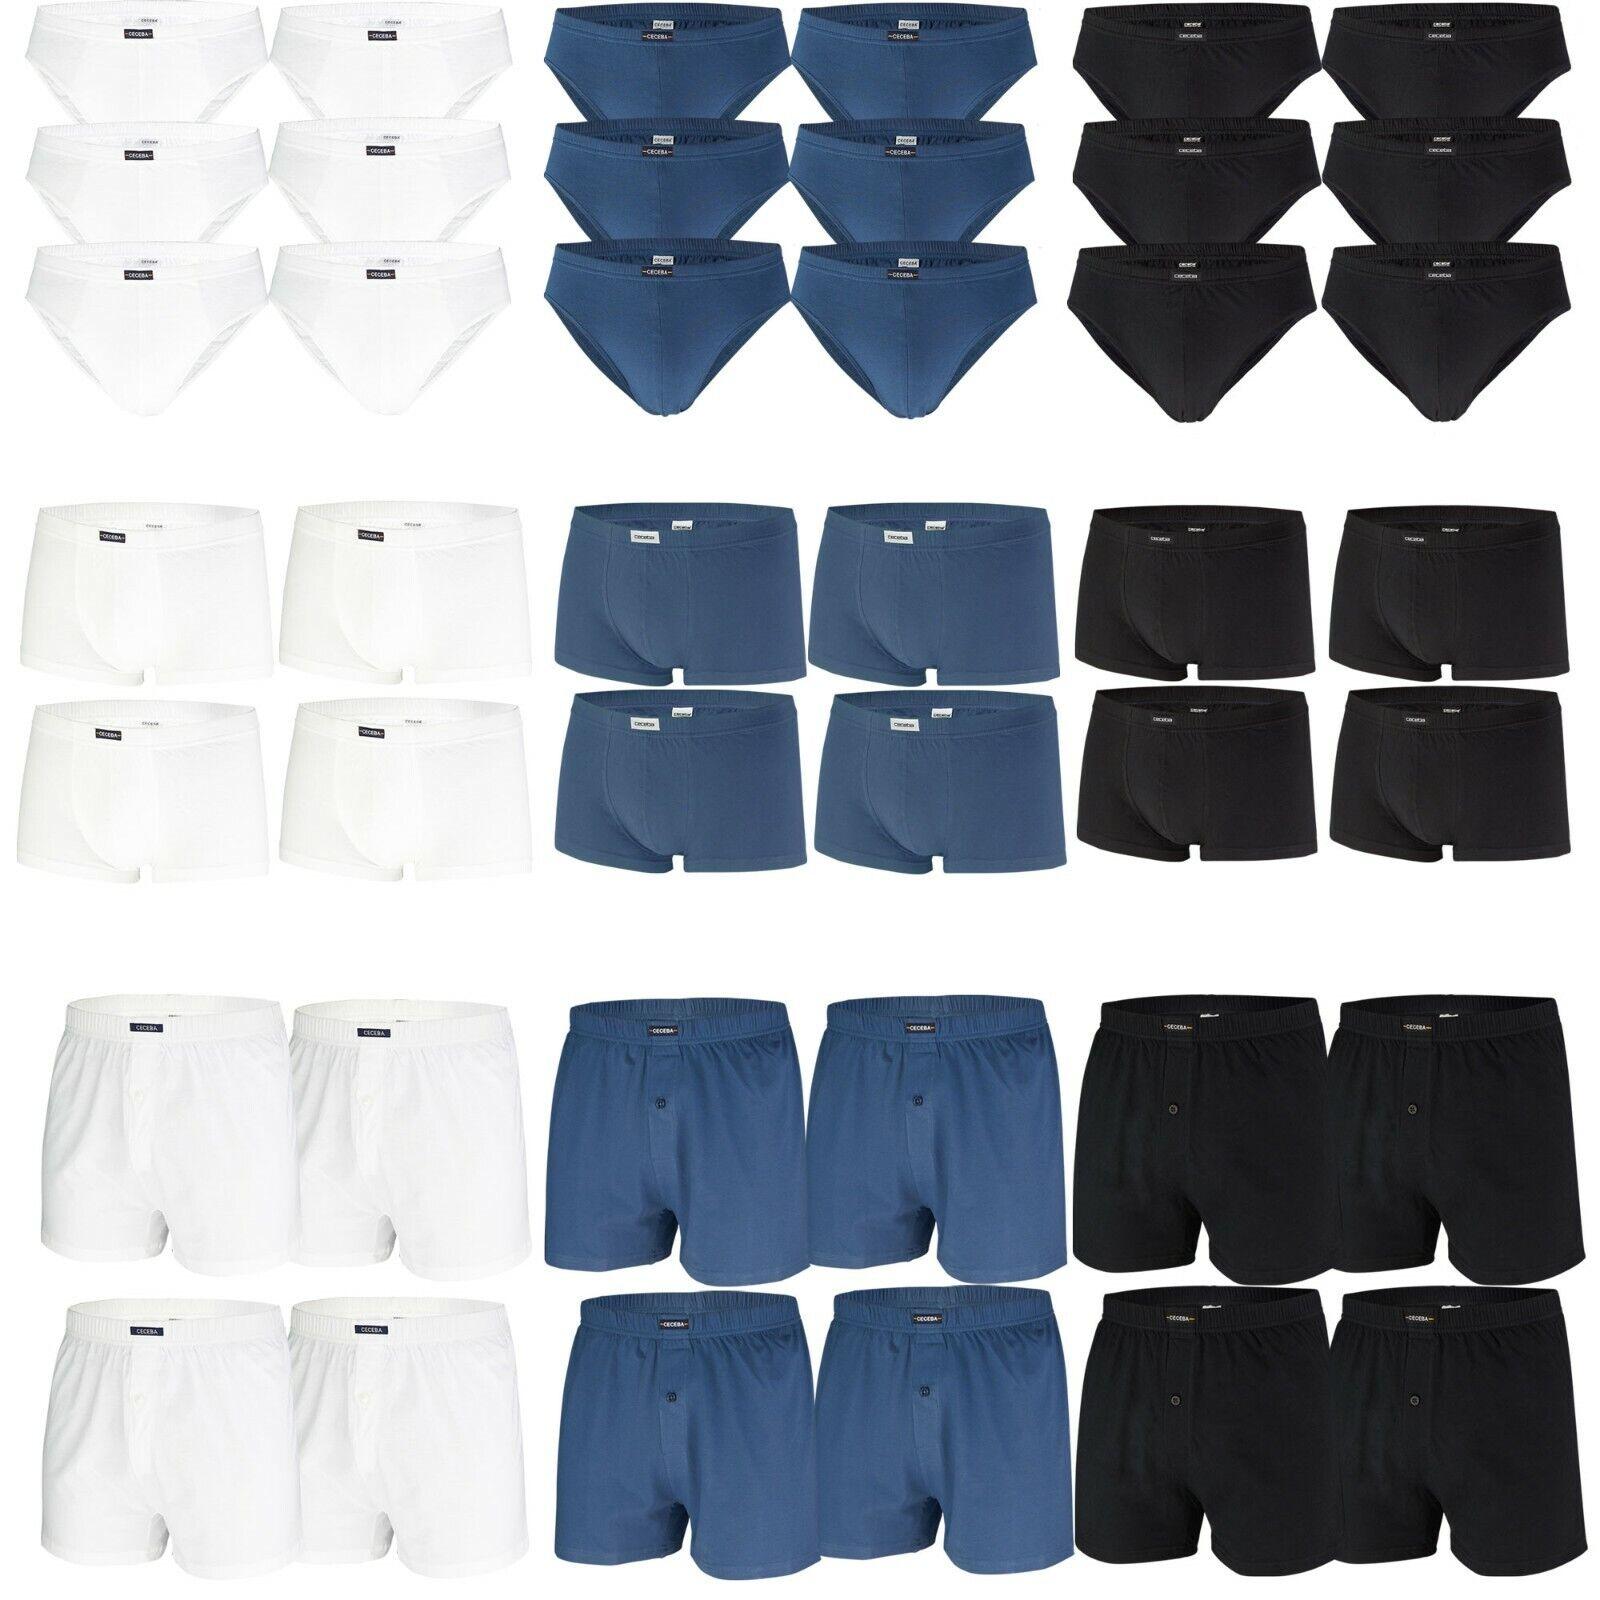 CECEBA Herren Slips Pants Boxershorts Baumwolle Unterhose | auch in Übergrößen